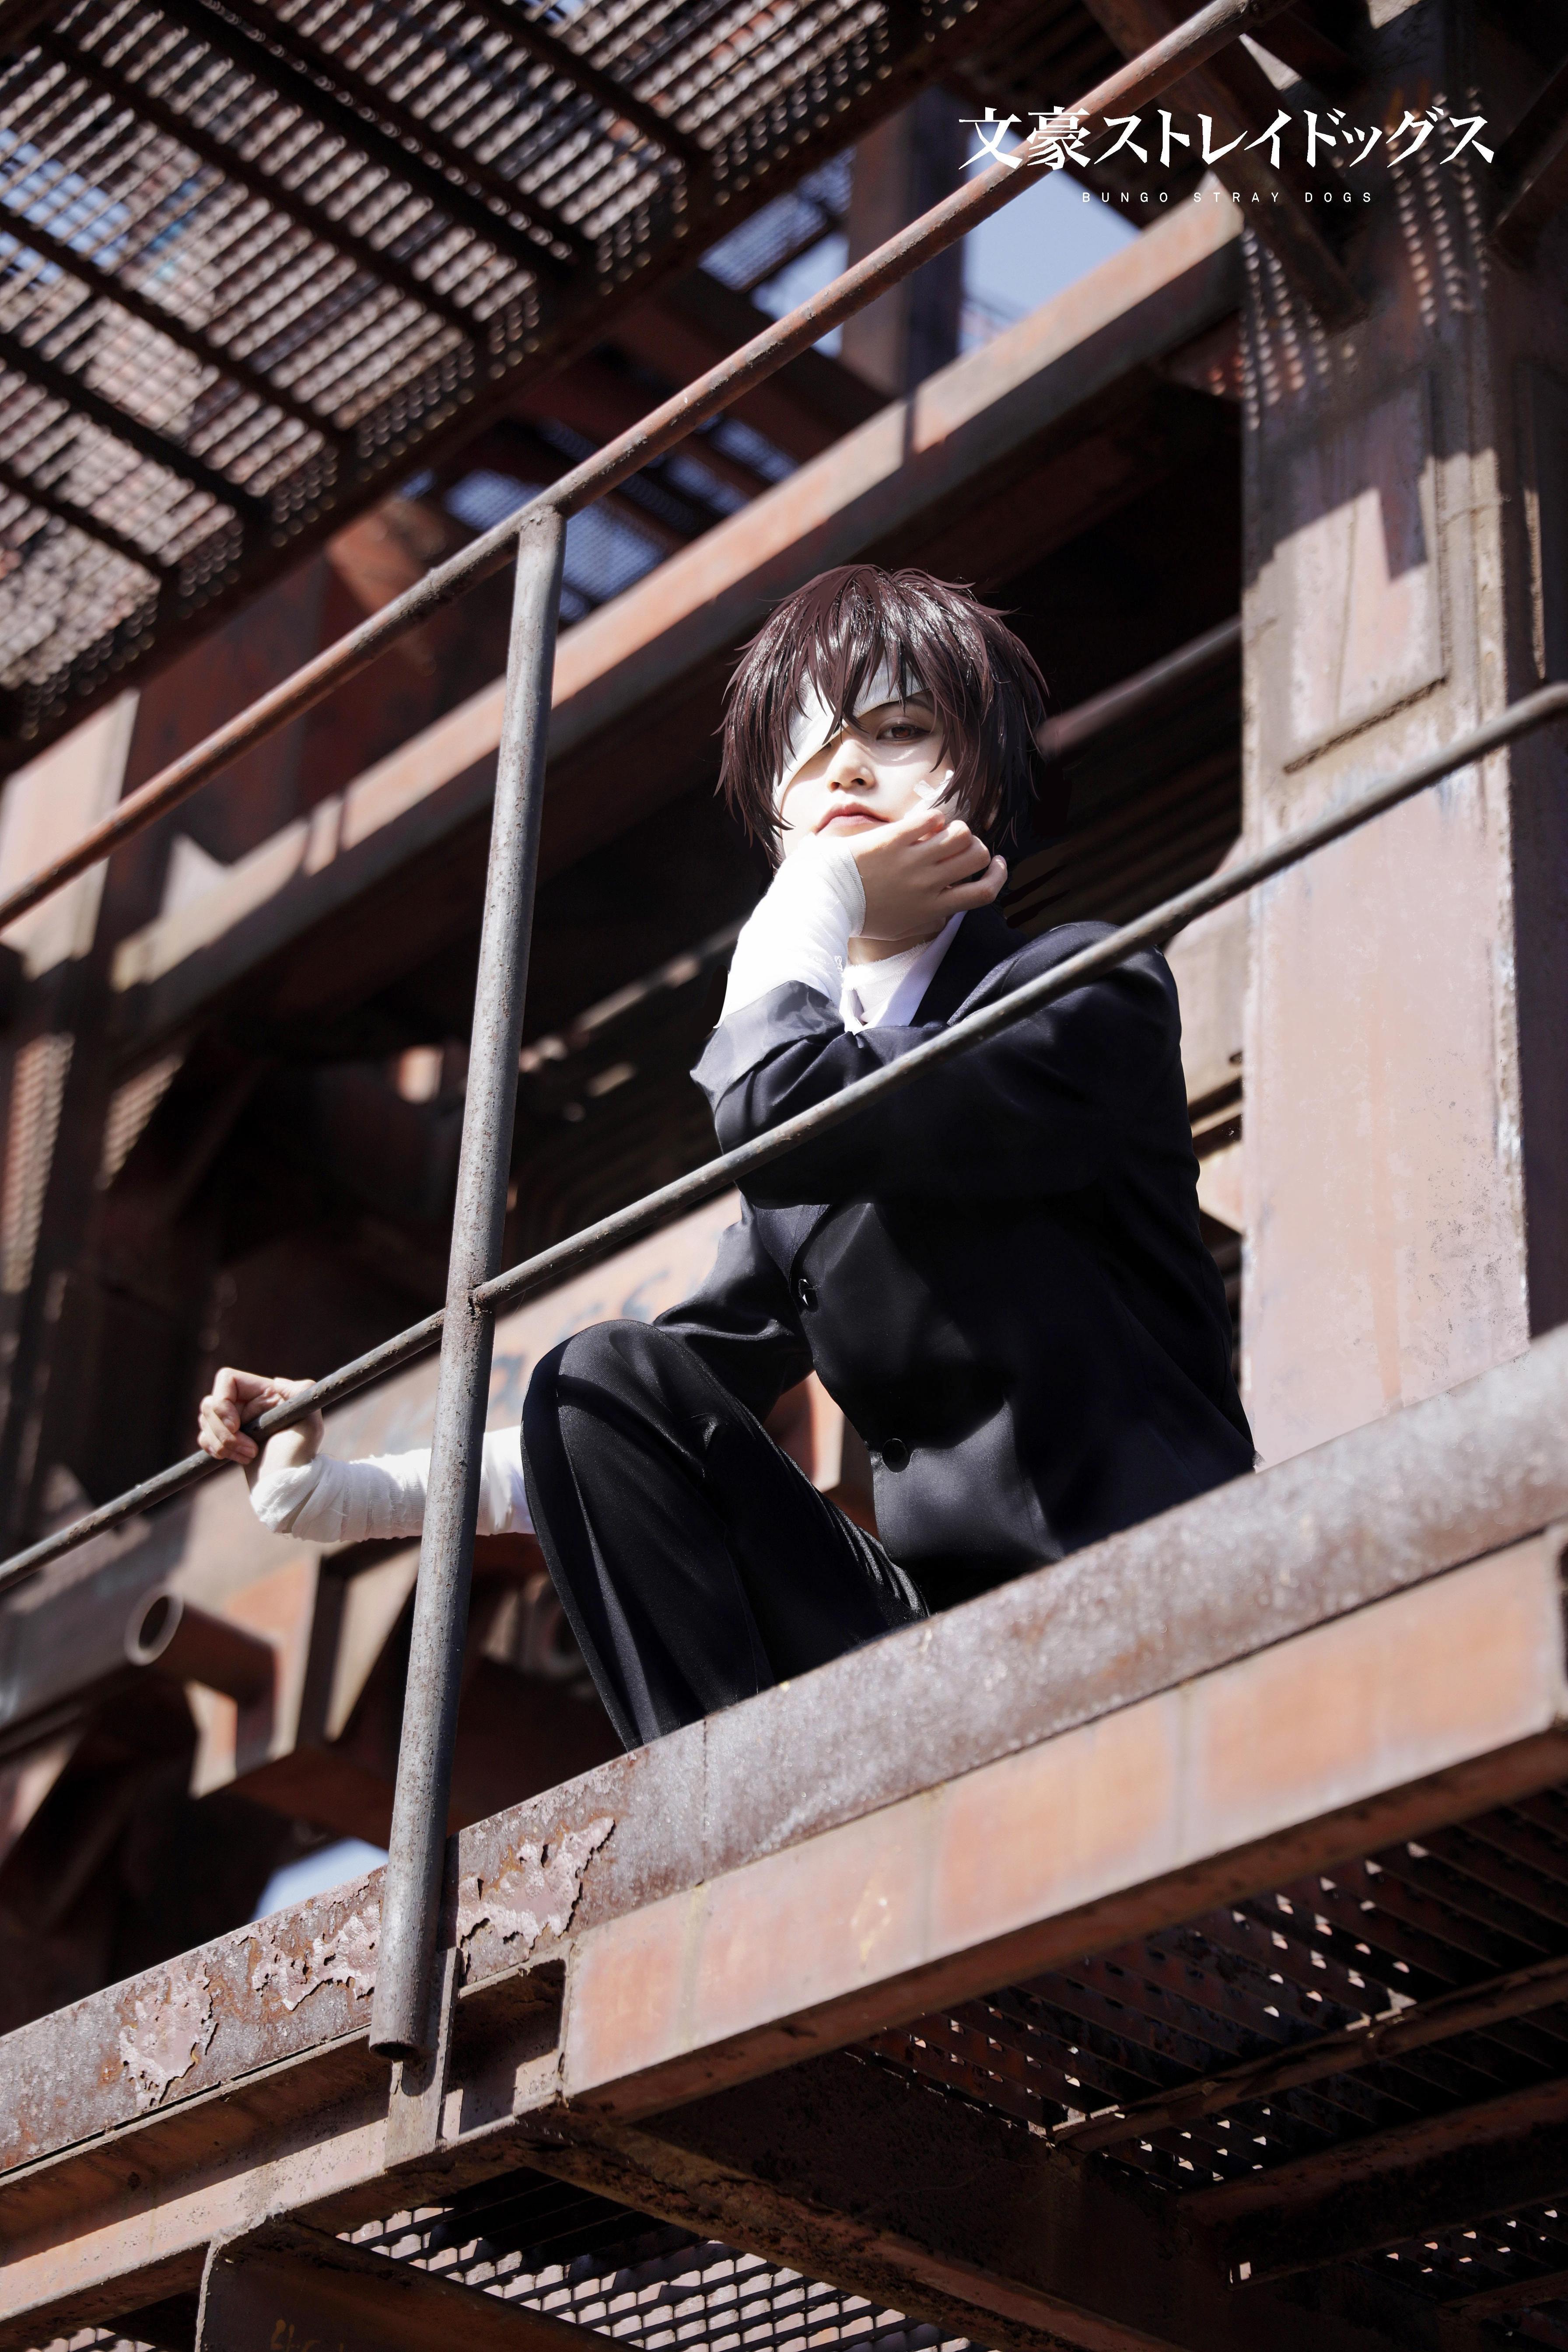 《文豪野犬》文豪野犬太宰治cosplay【CN:鸦禄】-第5张